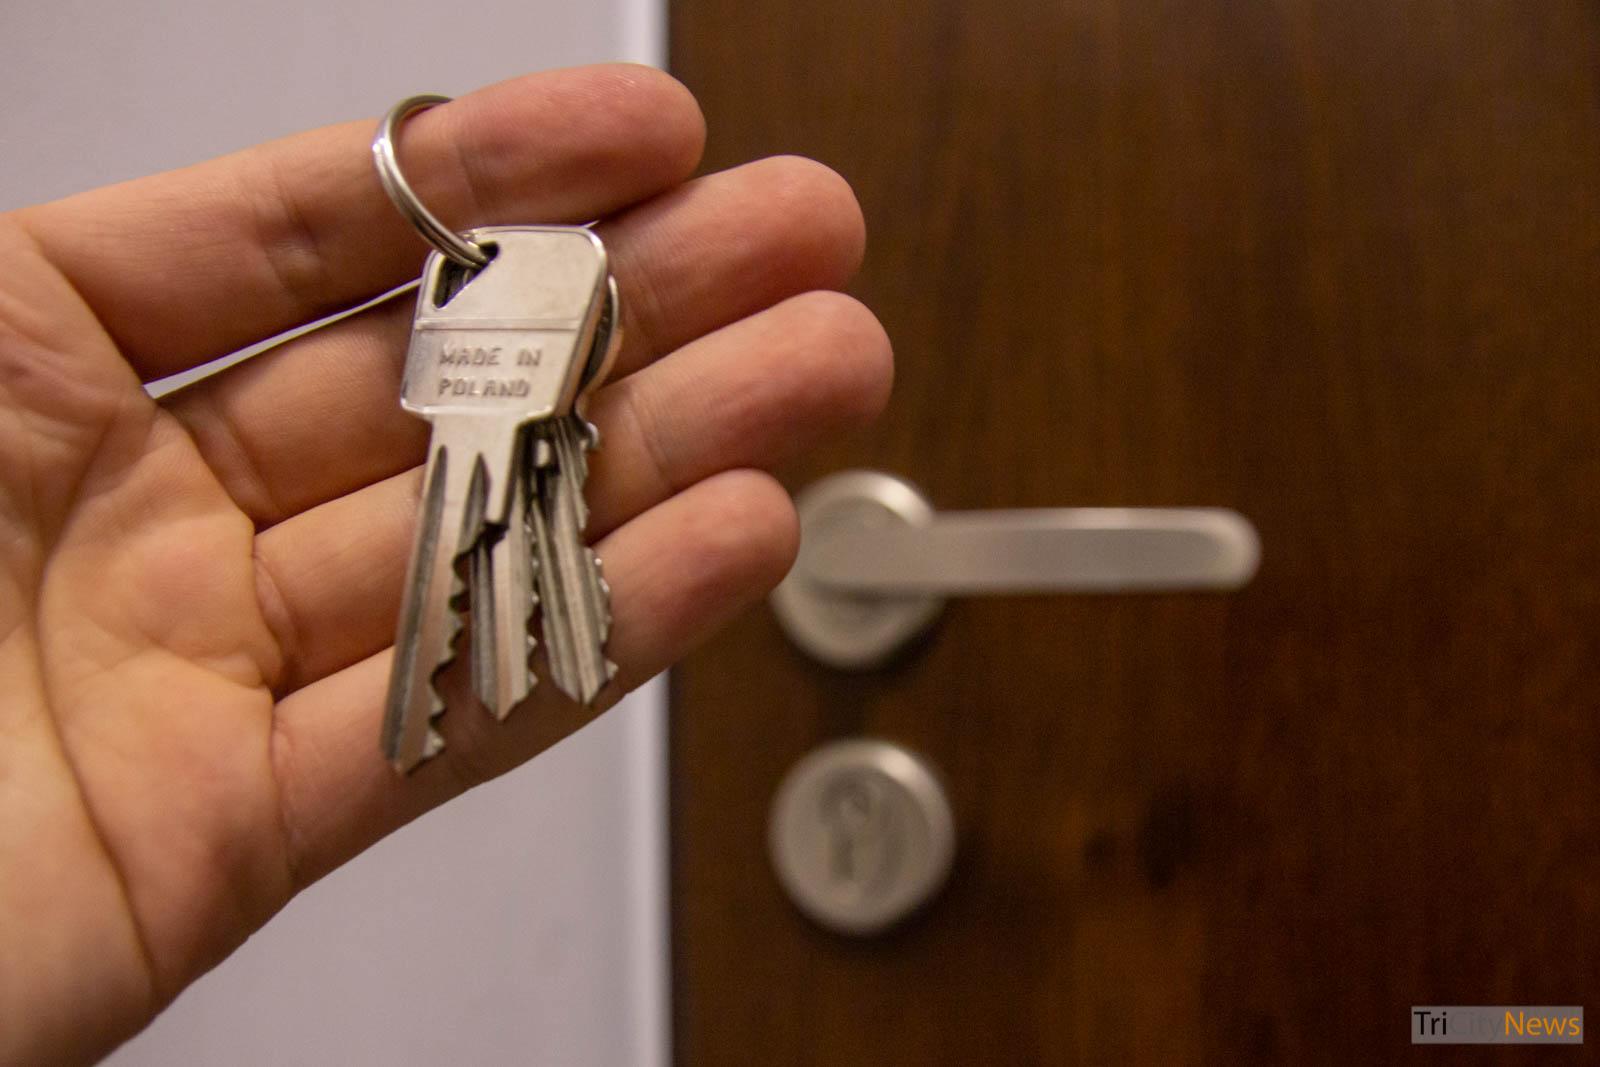 Purchasing a property in Poland, photo: Jakub Wozniak/Tricity News